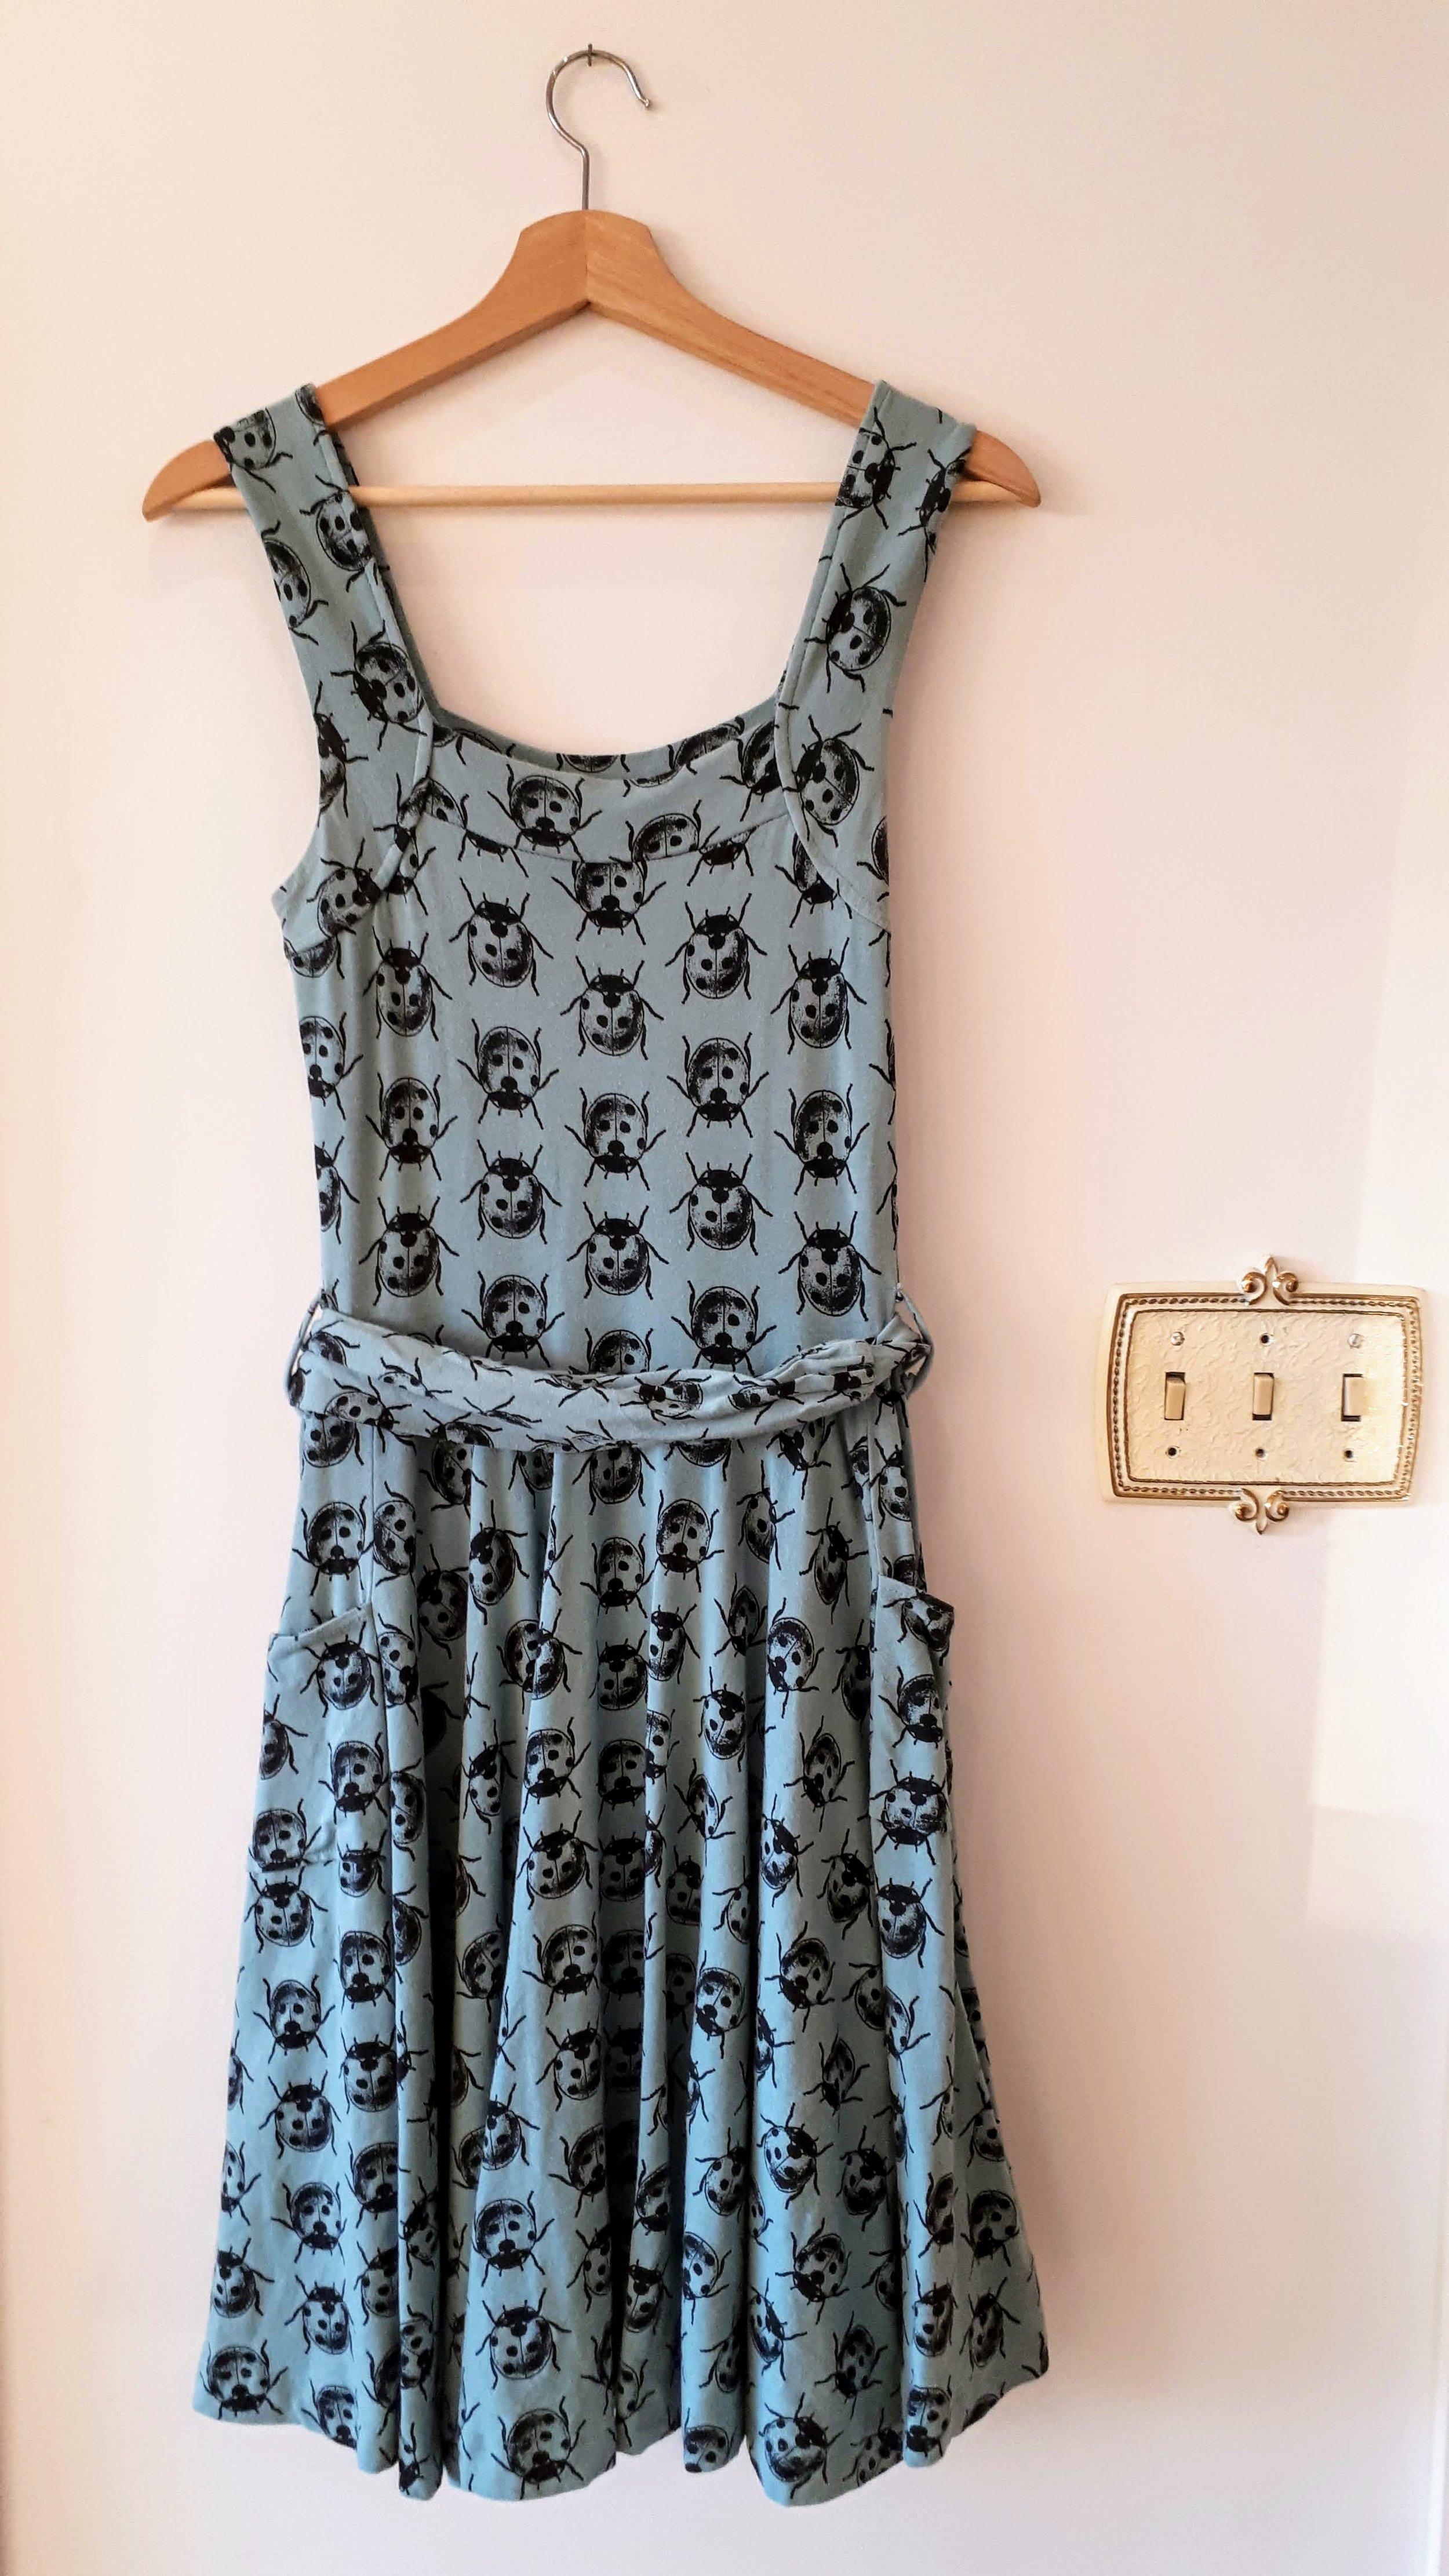 Effie's heart dress; Size S, $36